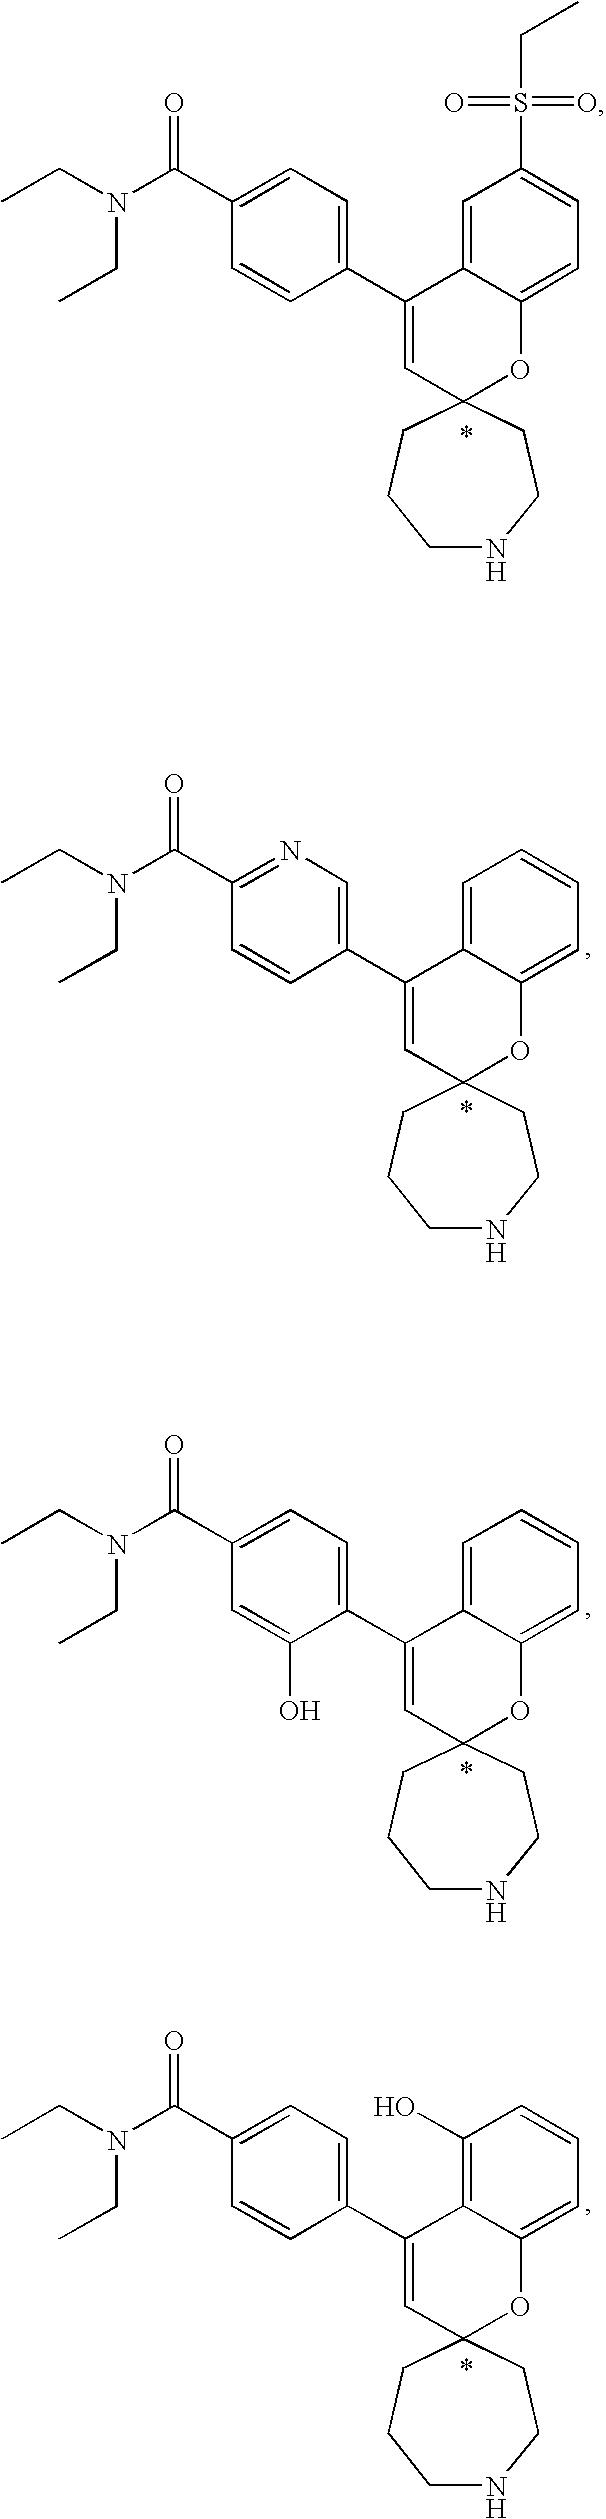 Figure US07598261-20091006-C00040